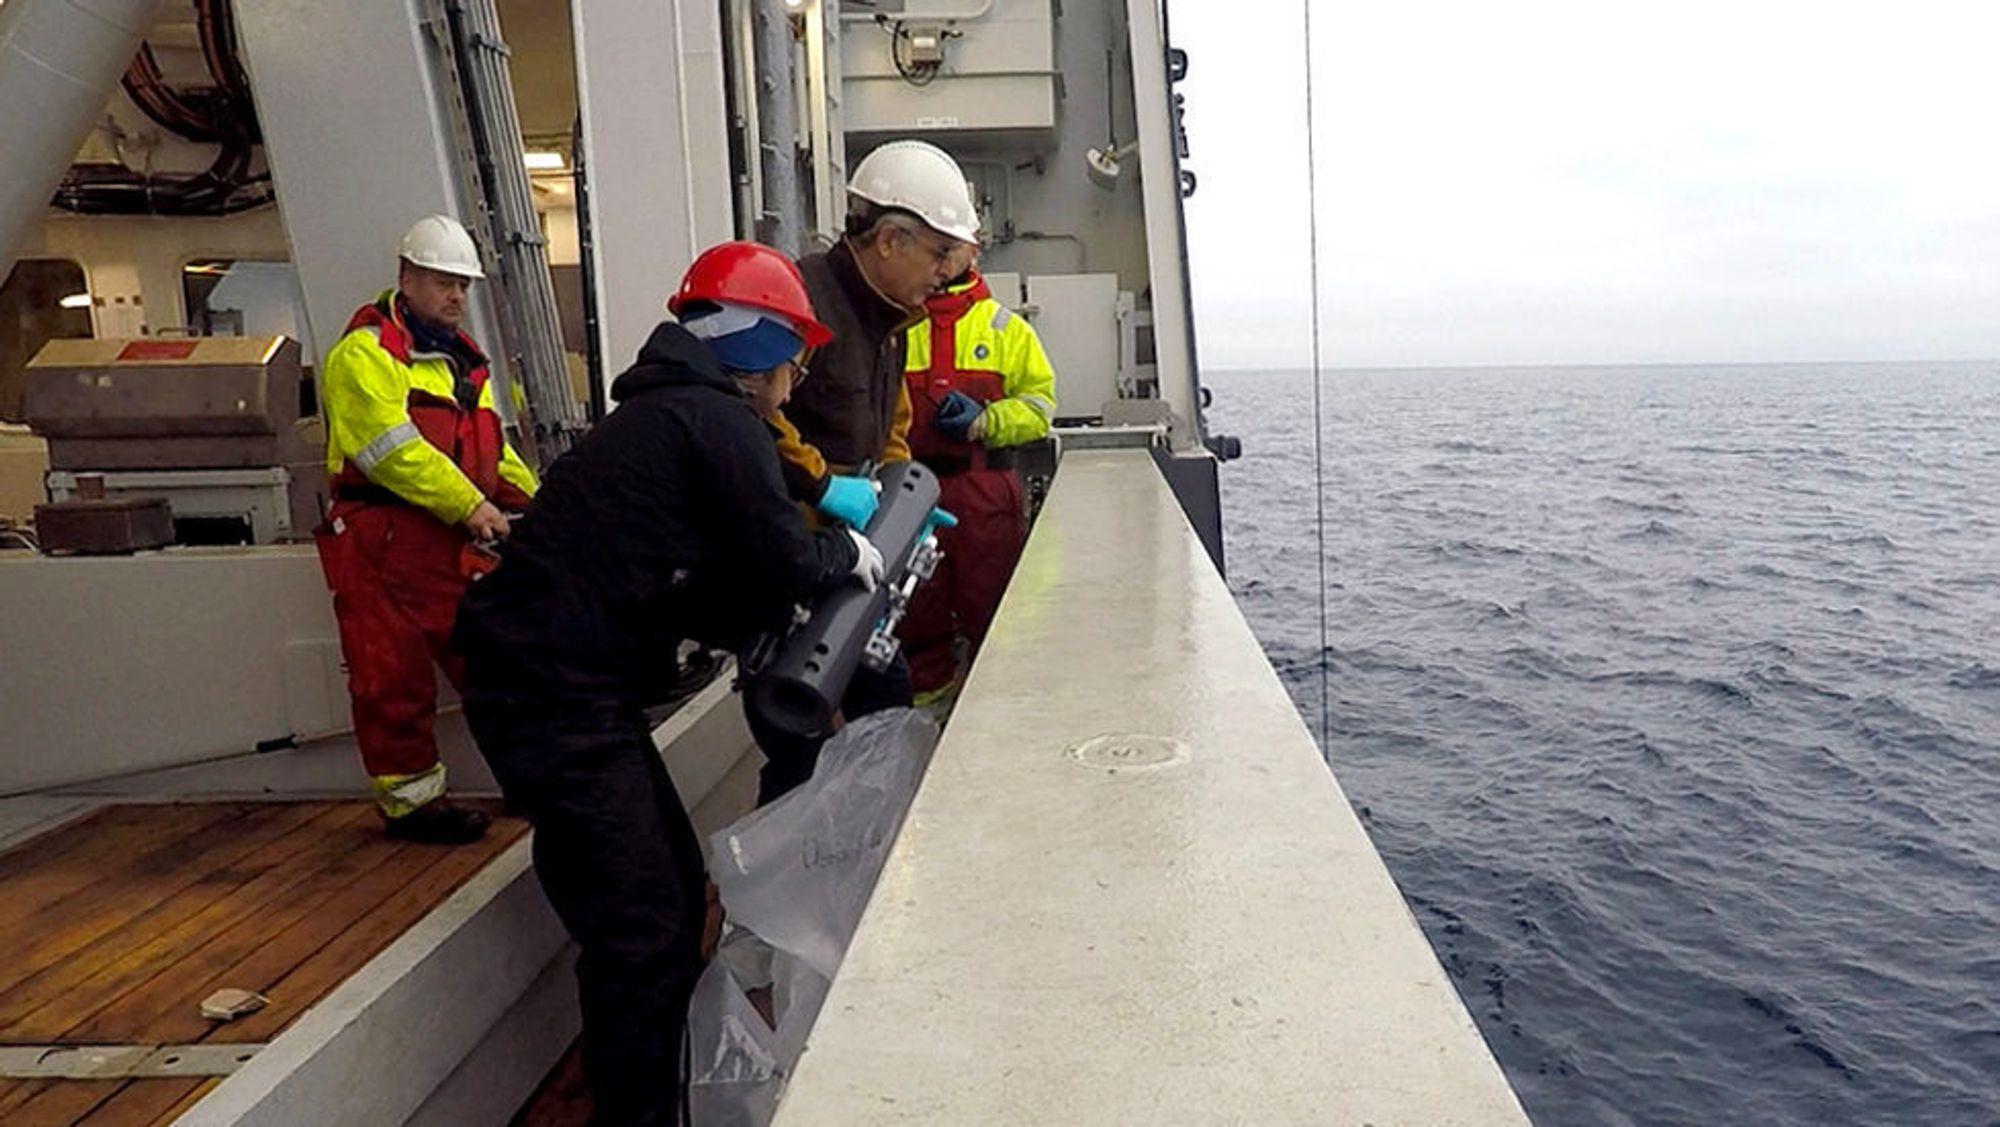 Mange forskere fra mange fagområder deltar i det store prosjektet - som pågår over en seksårsperiode. På bildet hentes vannprøver for å kartlegge tungmetaller i havet.